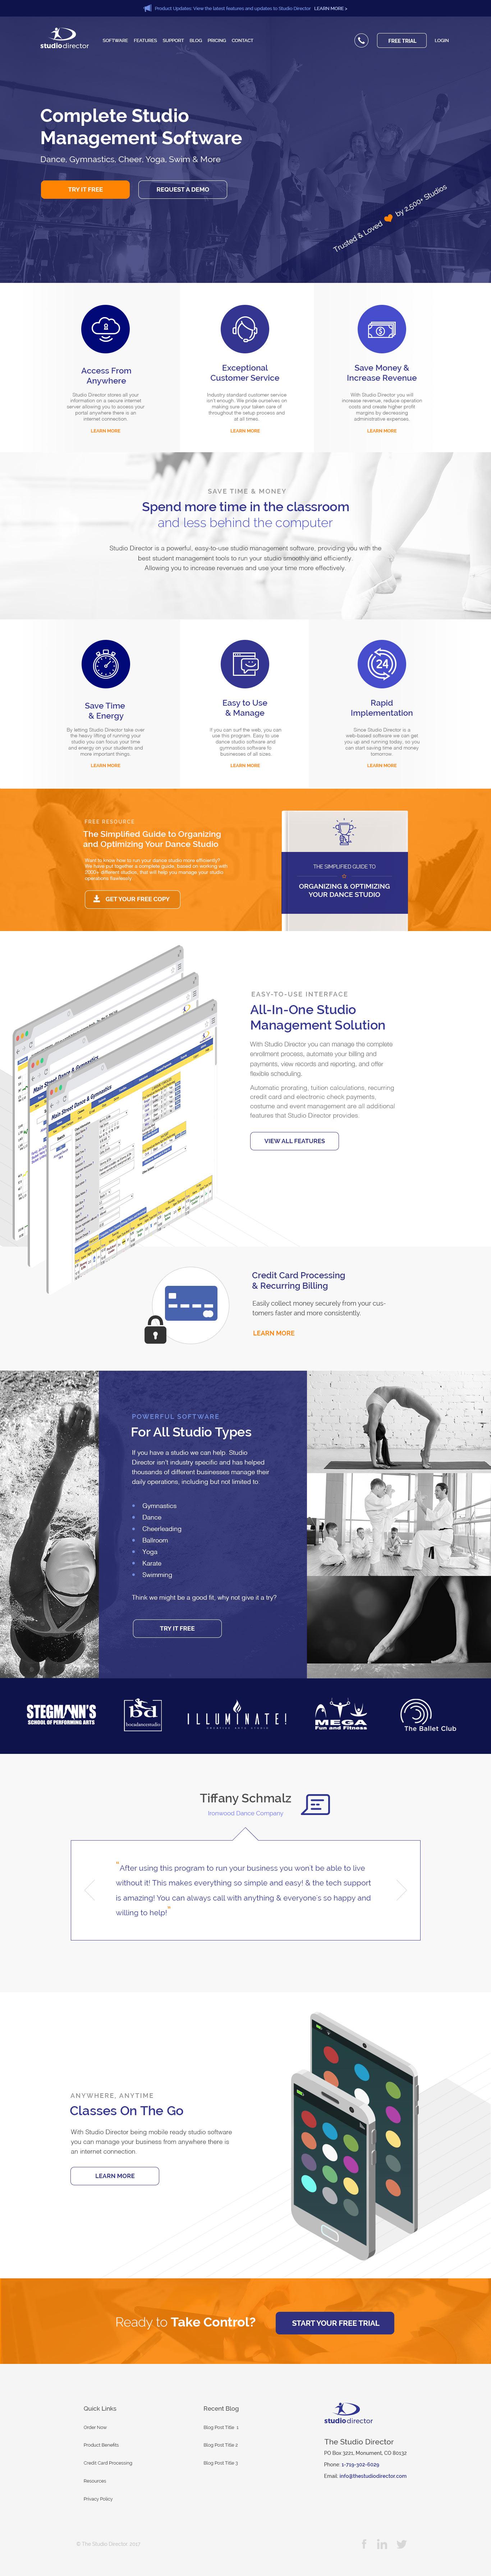 Studio Director Desktop